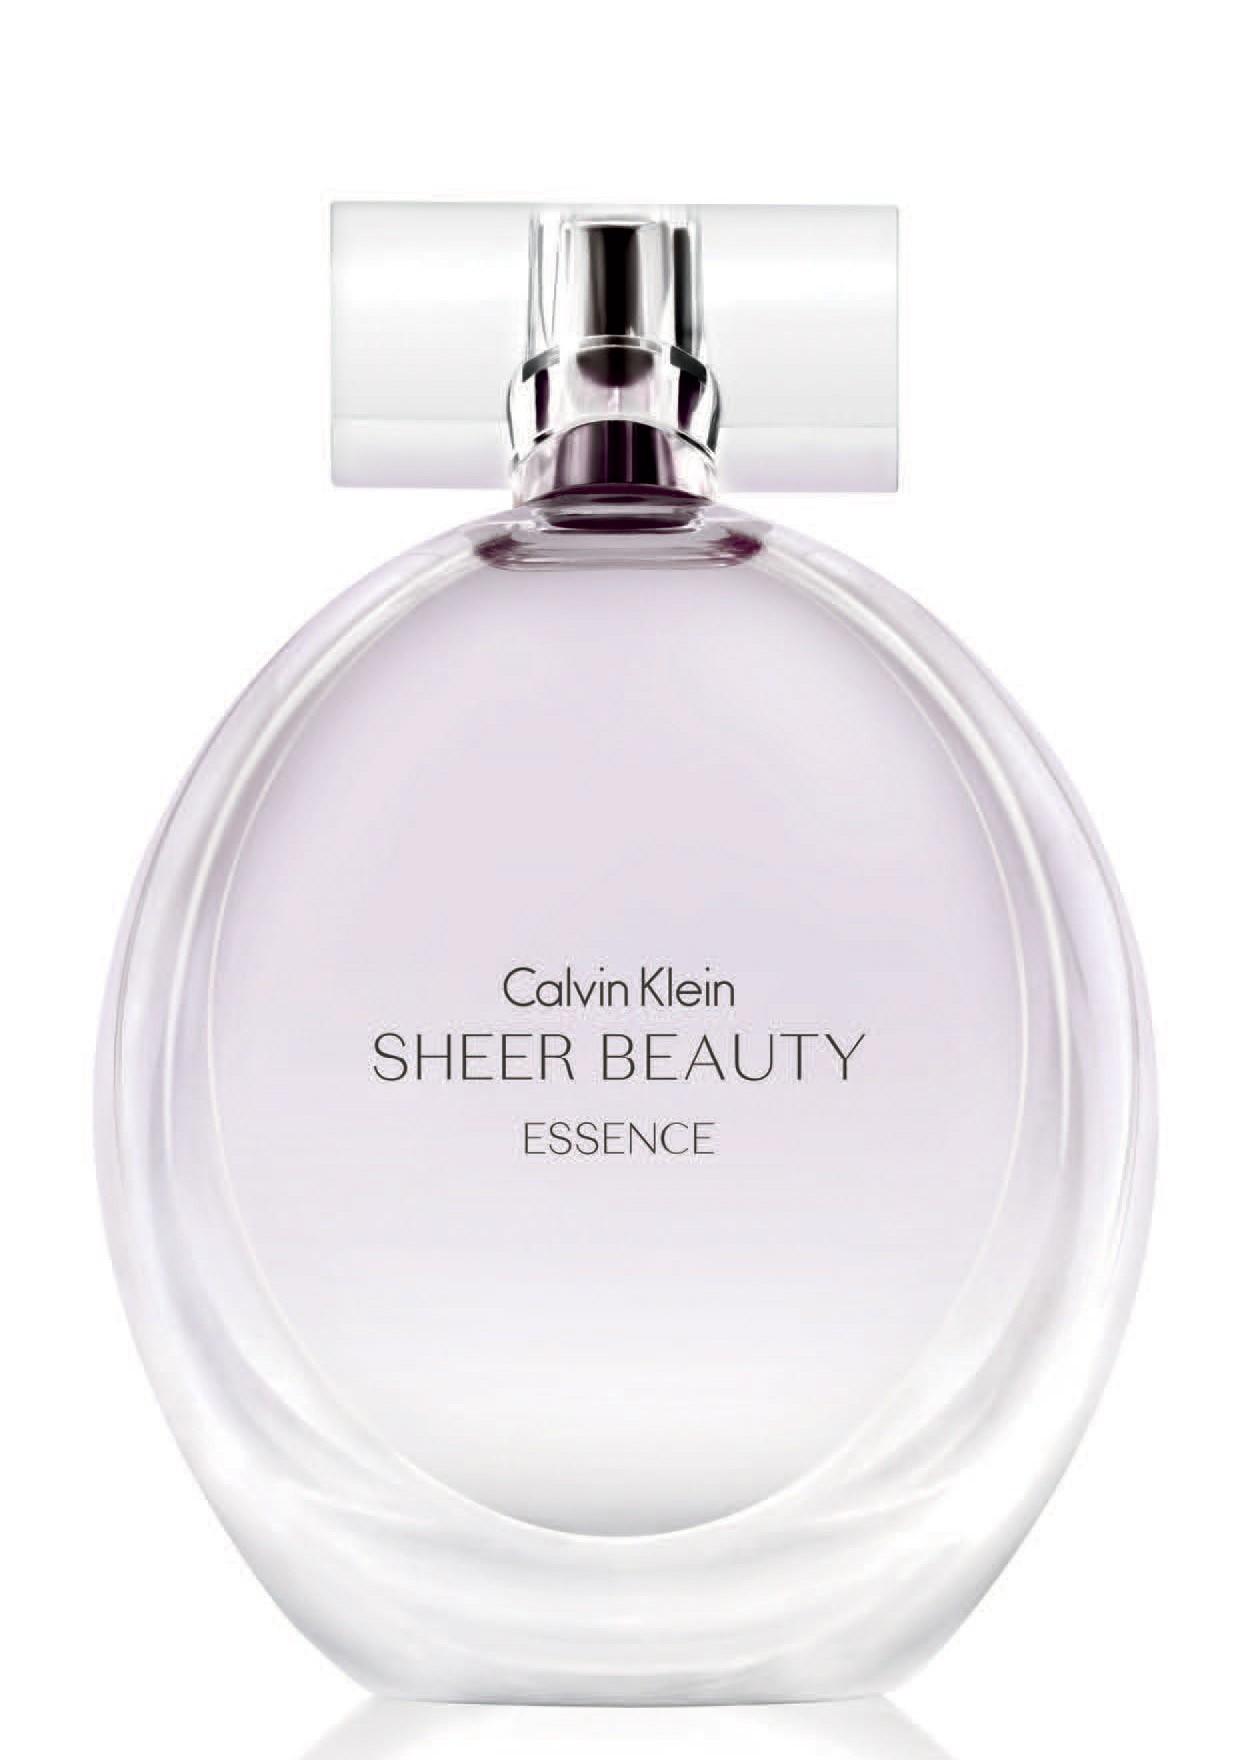 Calvin Klein Sheer Beauty Essence аромат для женщин